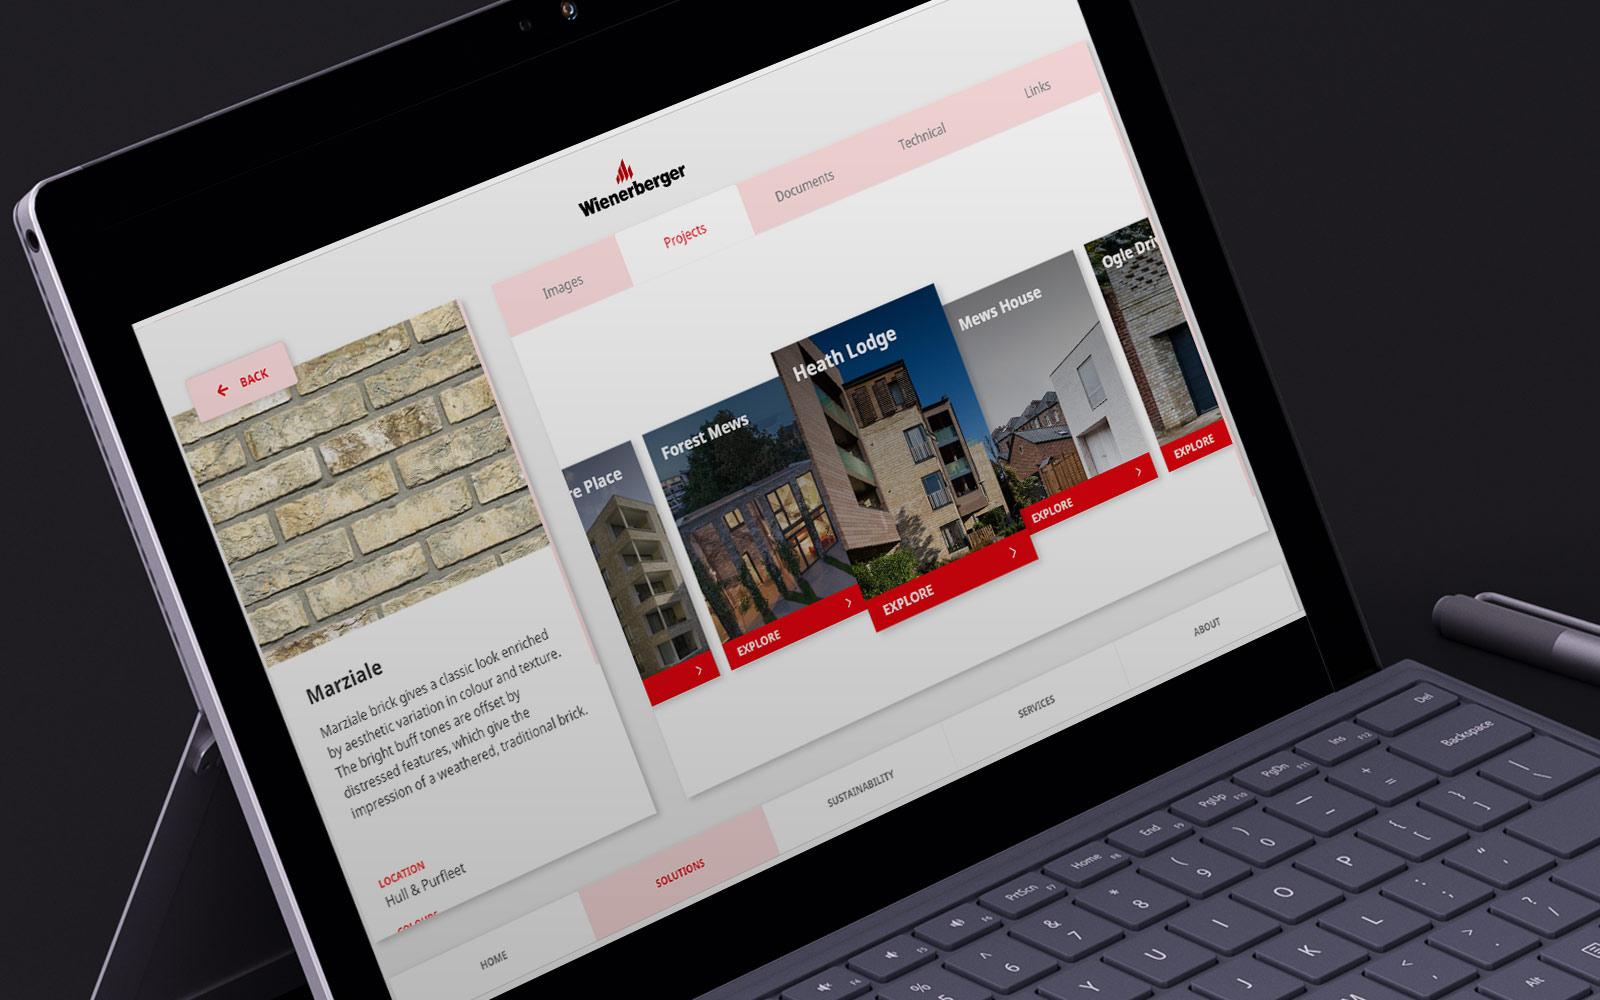 Wienerberger sales enablement app displayed on black laptop